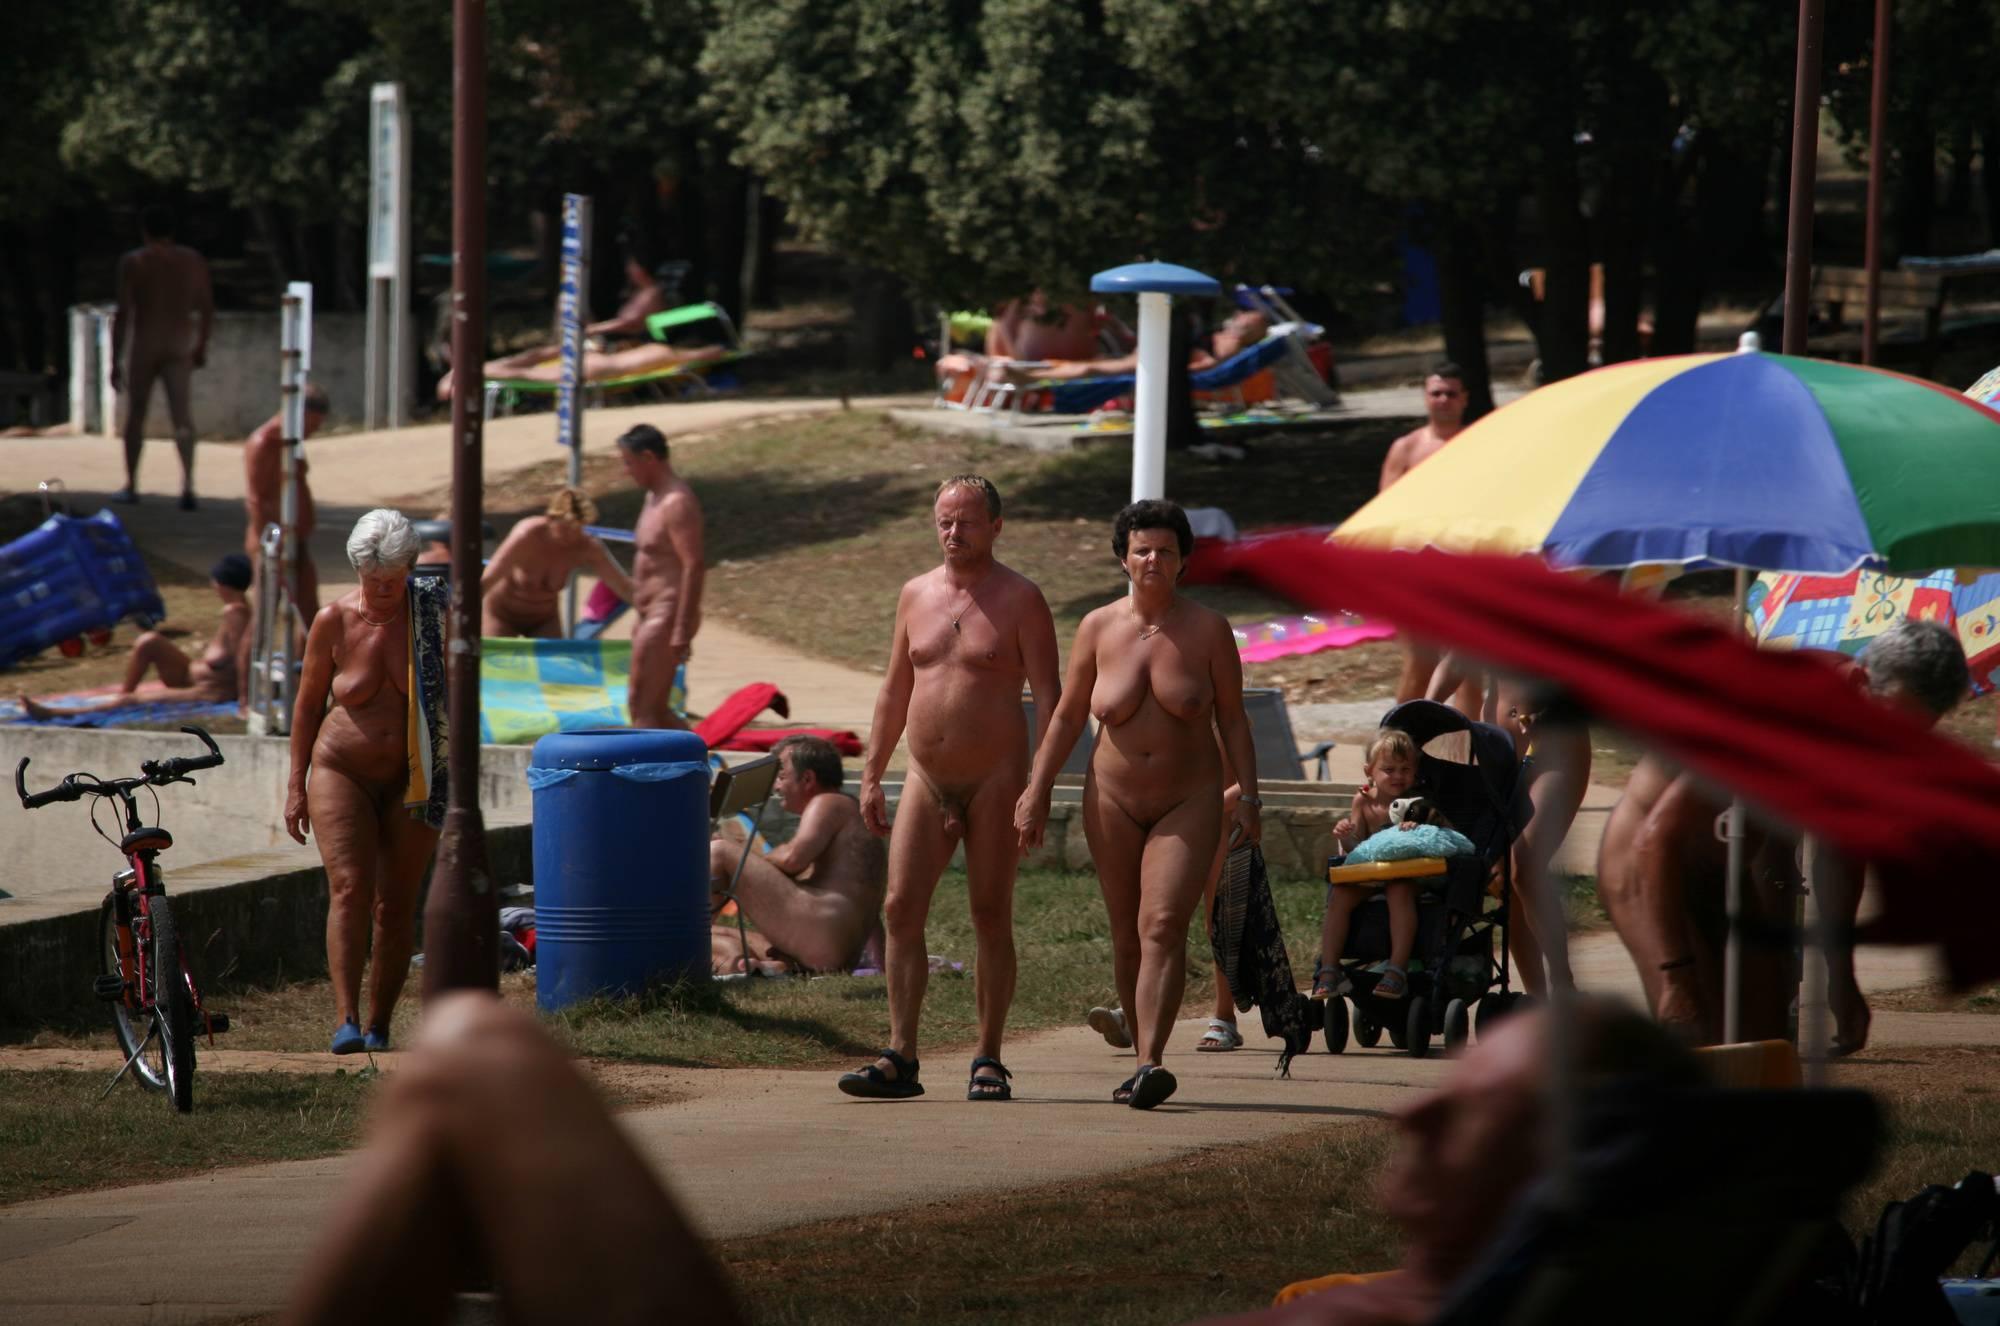 Nudist Photos Little-Key Roadside Alley - 2